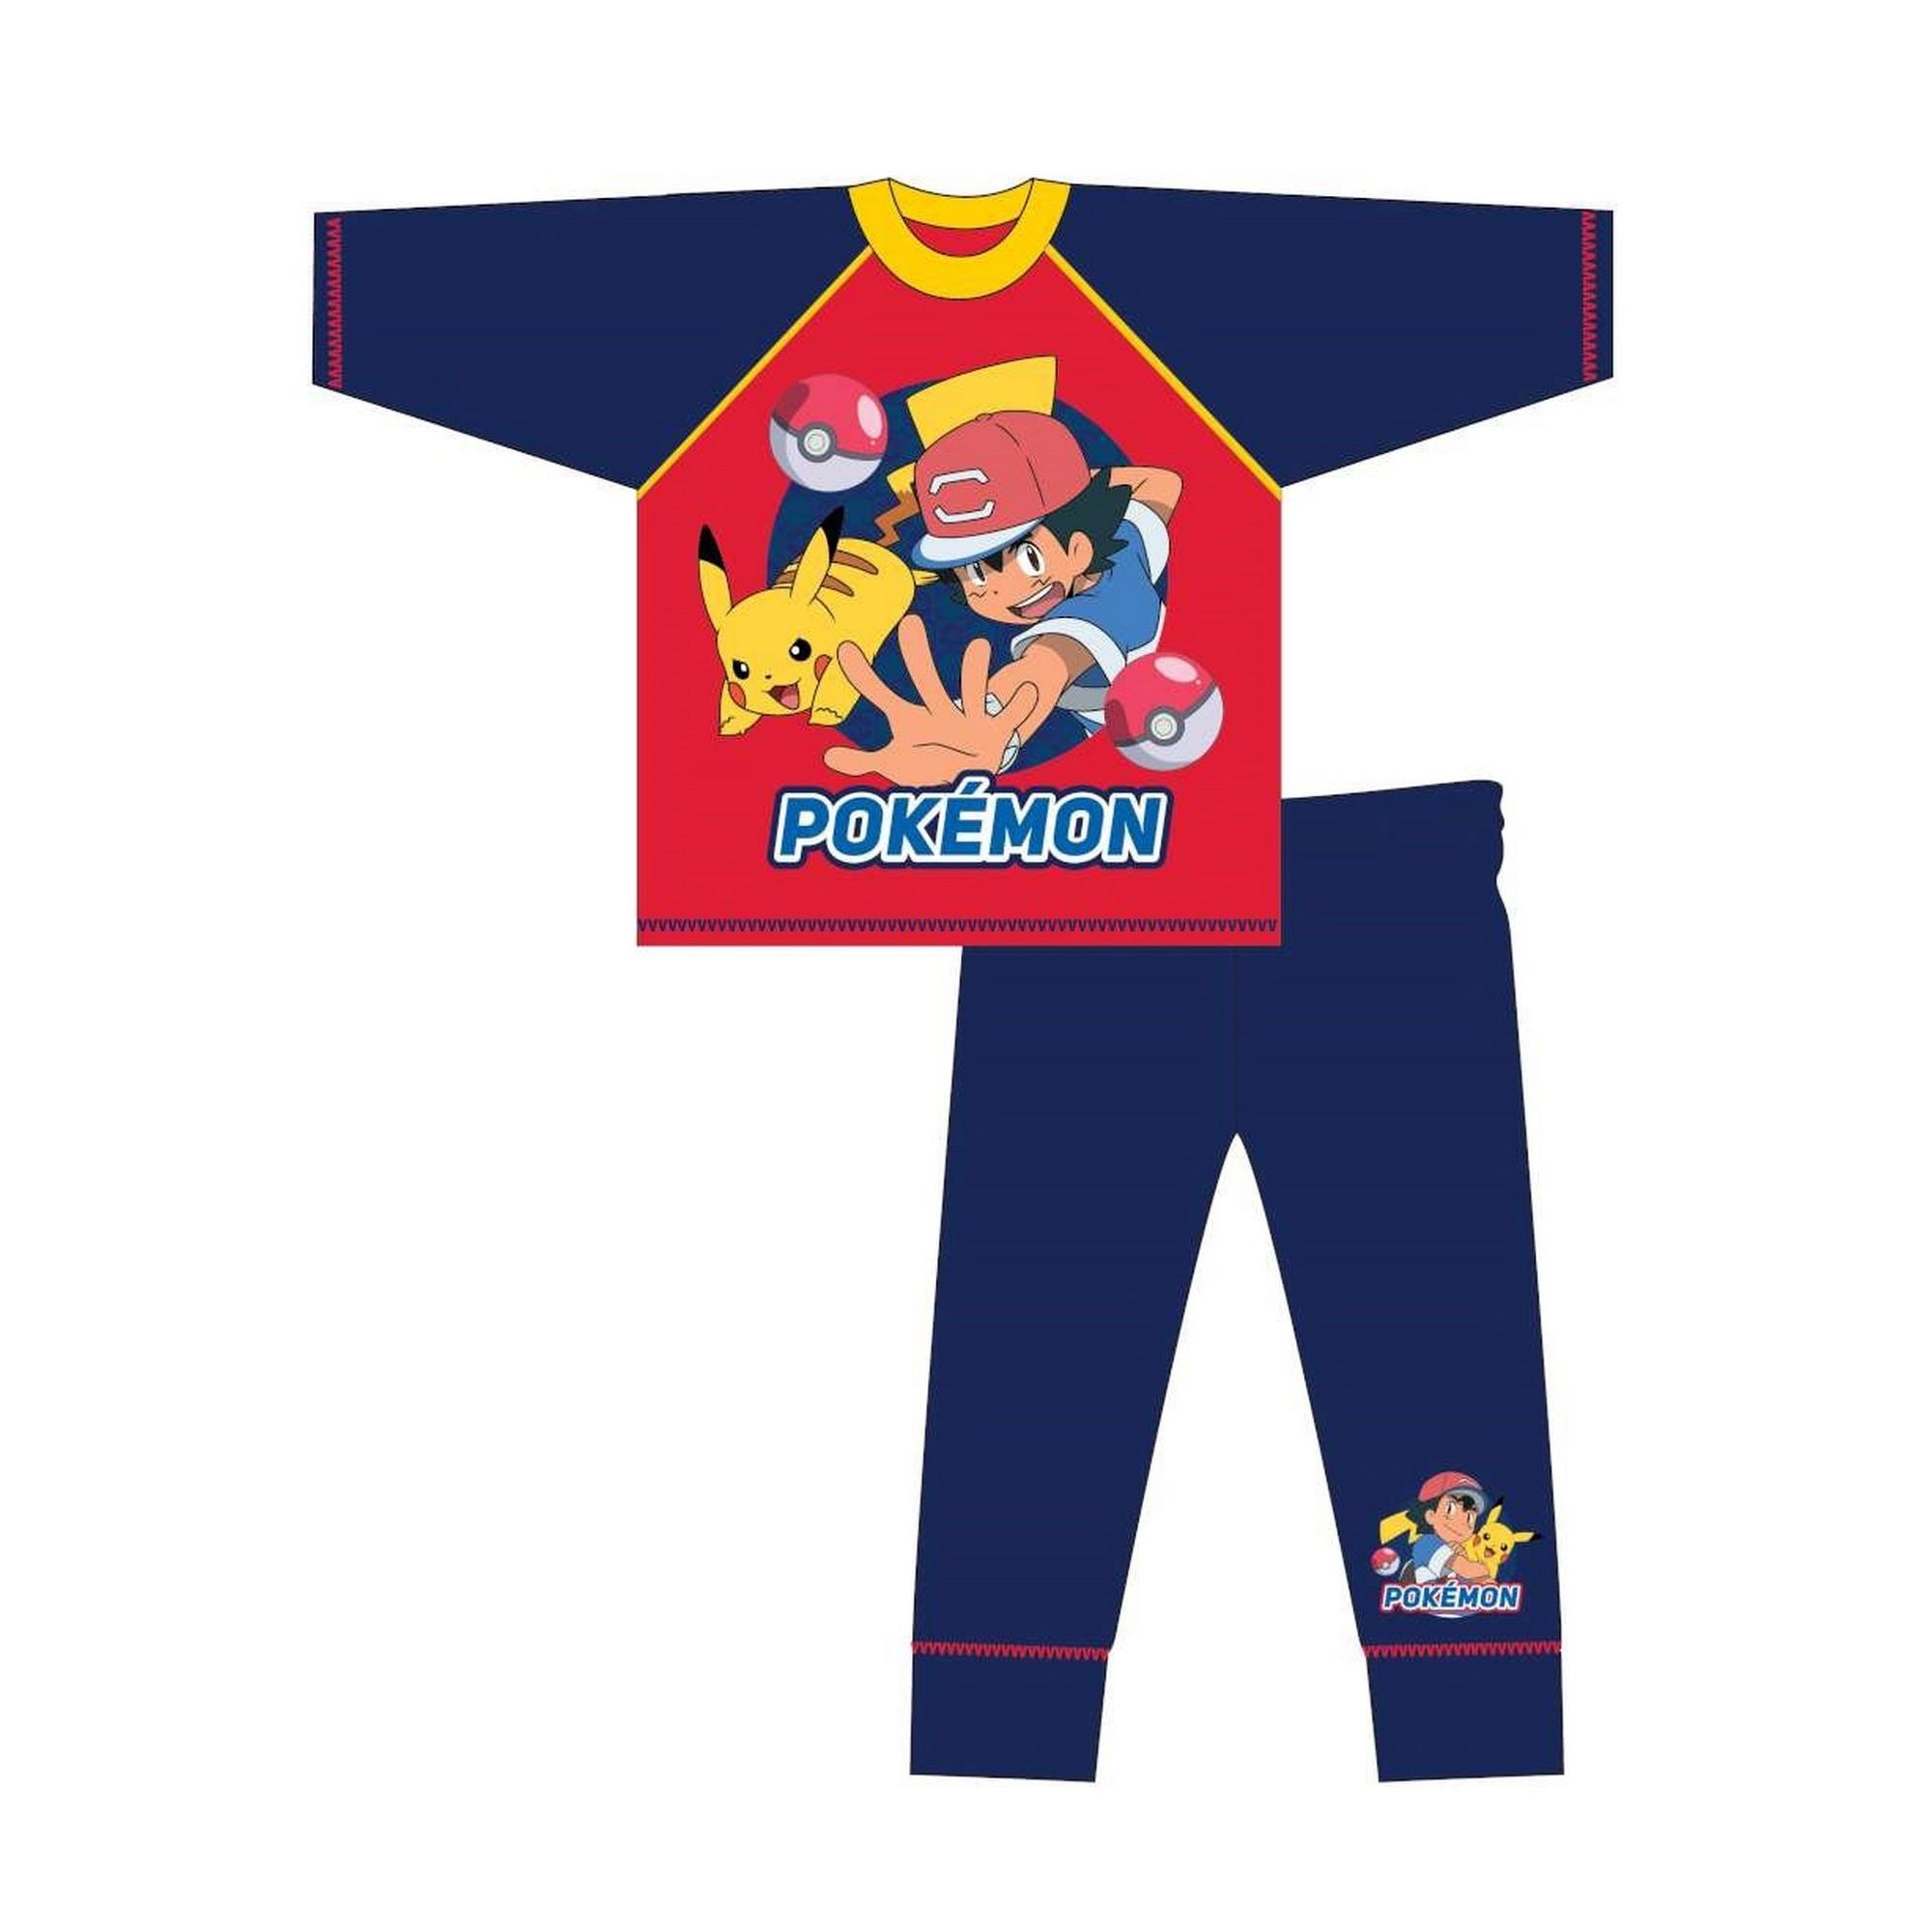 Pokemon-Pijama-infantil-de-manga-larga-con-ilustracion-de-Ash-y-Pikachu